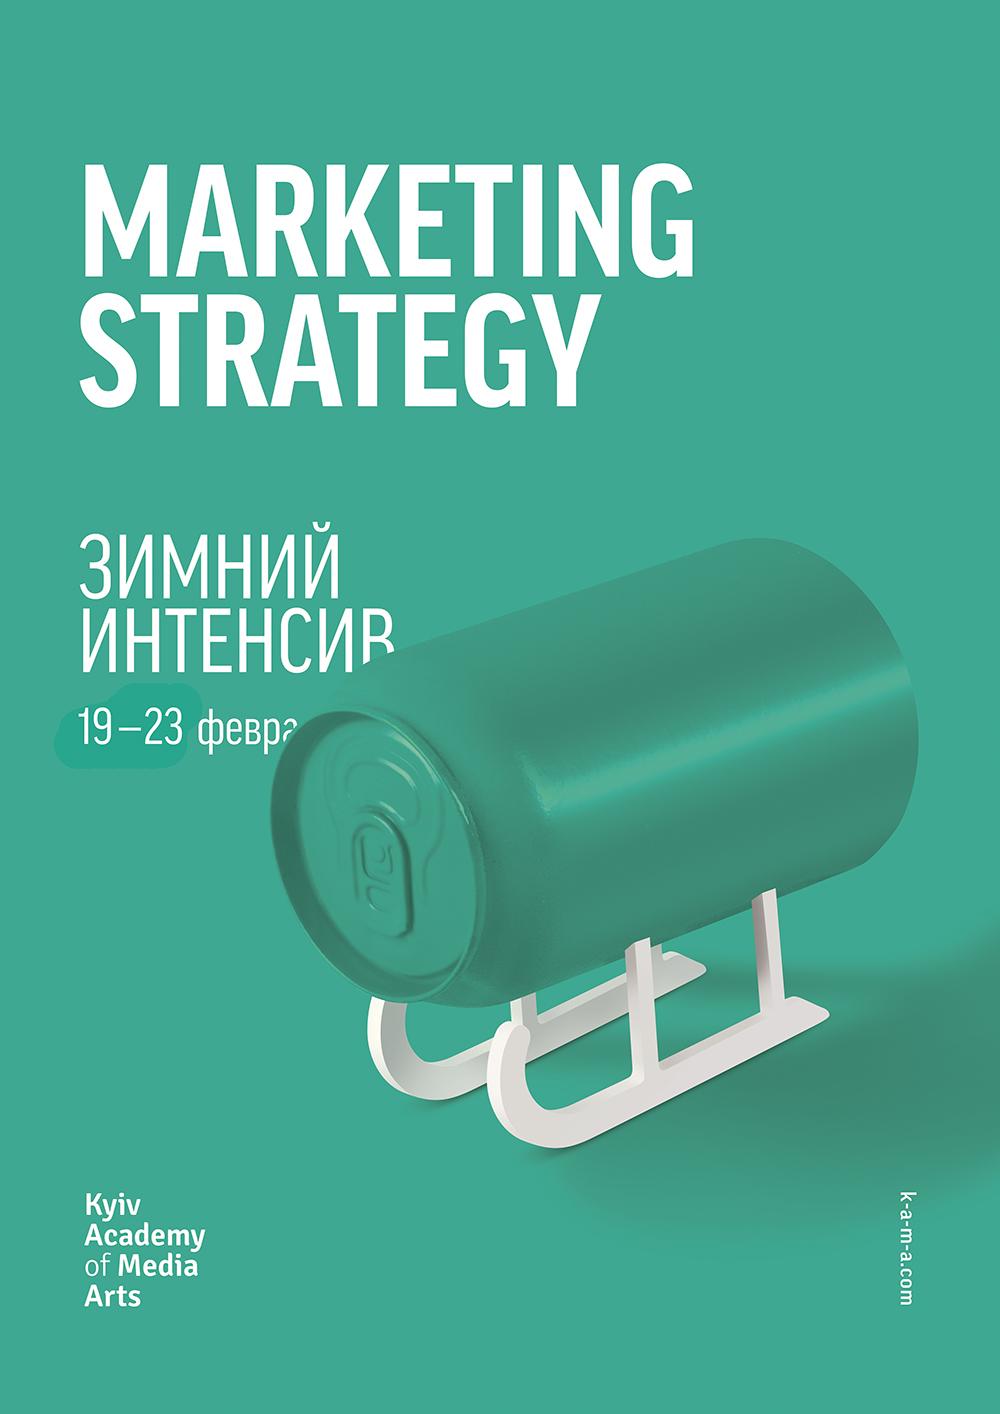 shkola_strategy.jpg